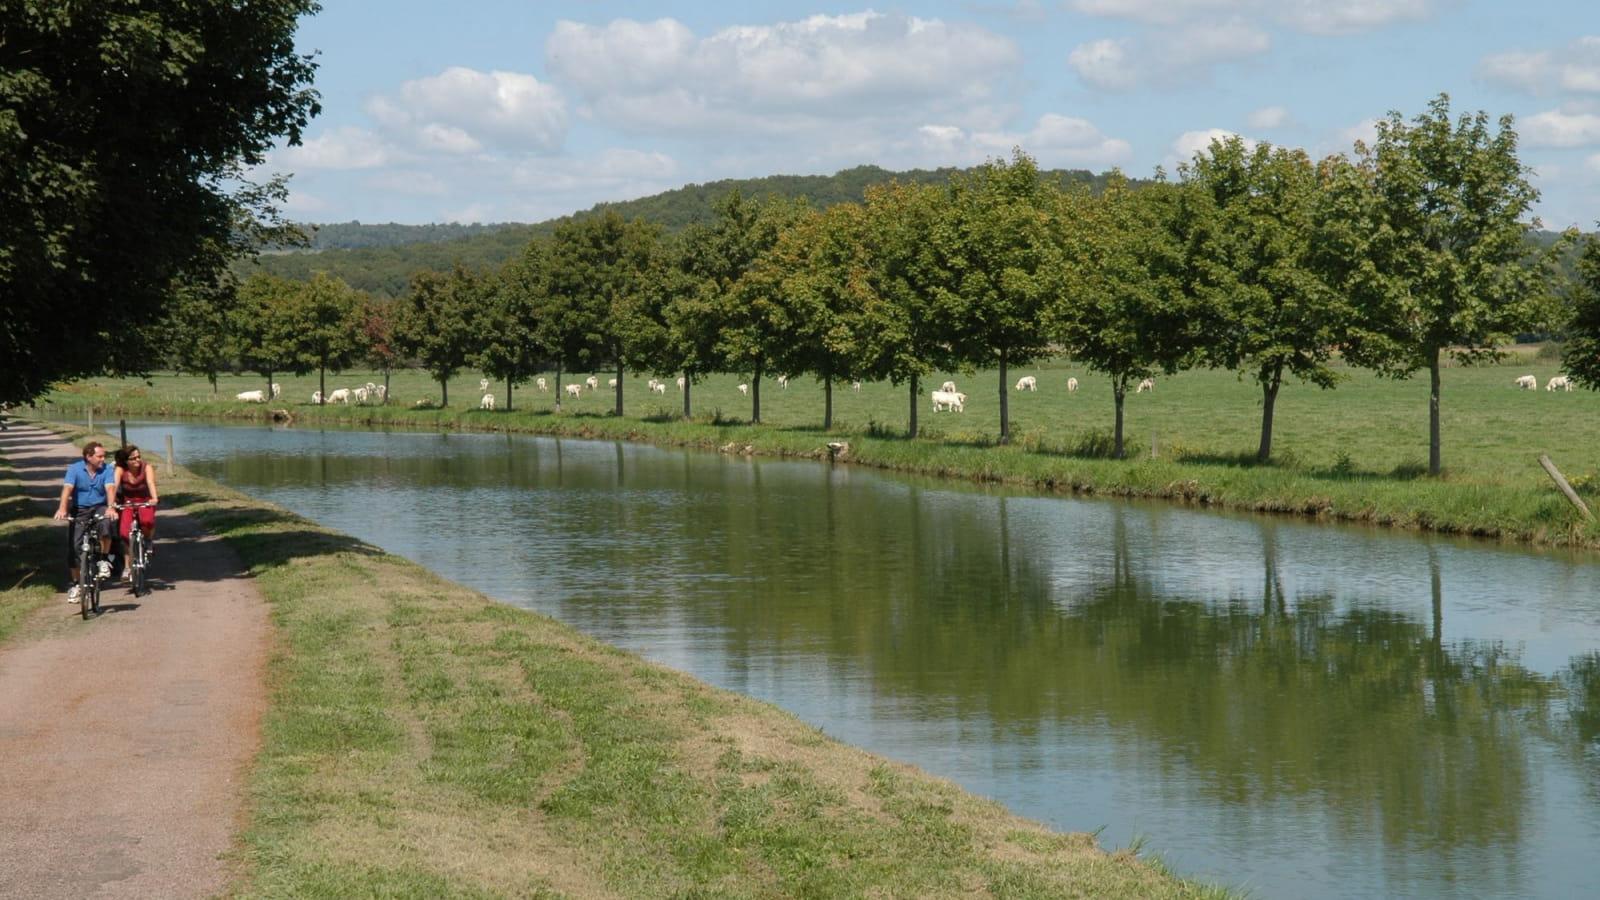 La Véloroute : Canal de Bourgogne autour de Saint-Thilbault et Semur-en-Auxois